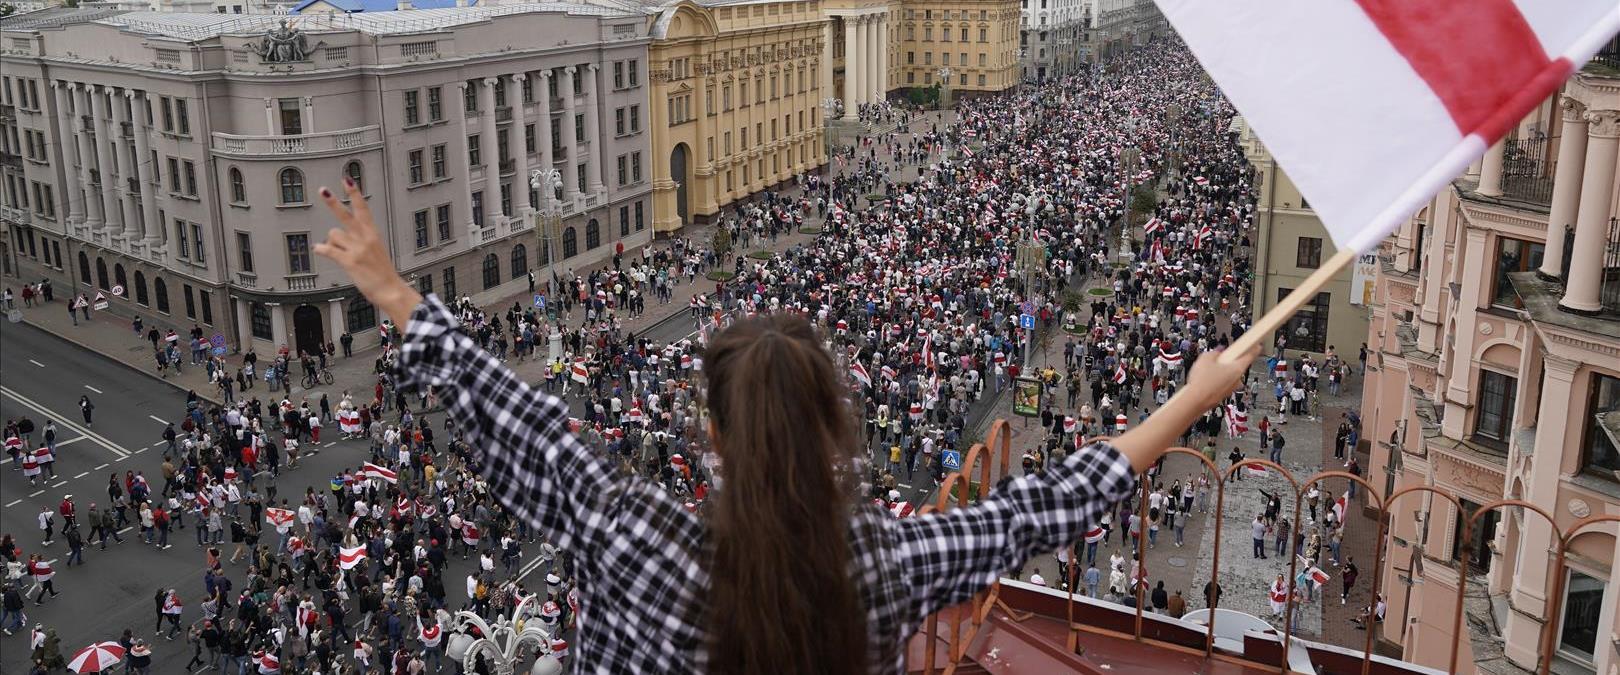 הפגנות במינסק - בירת בלארוס